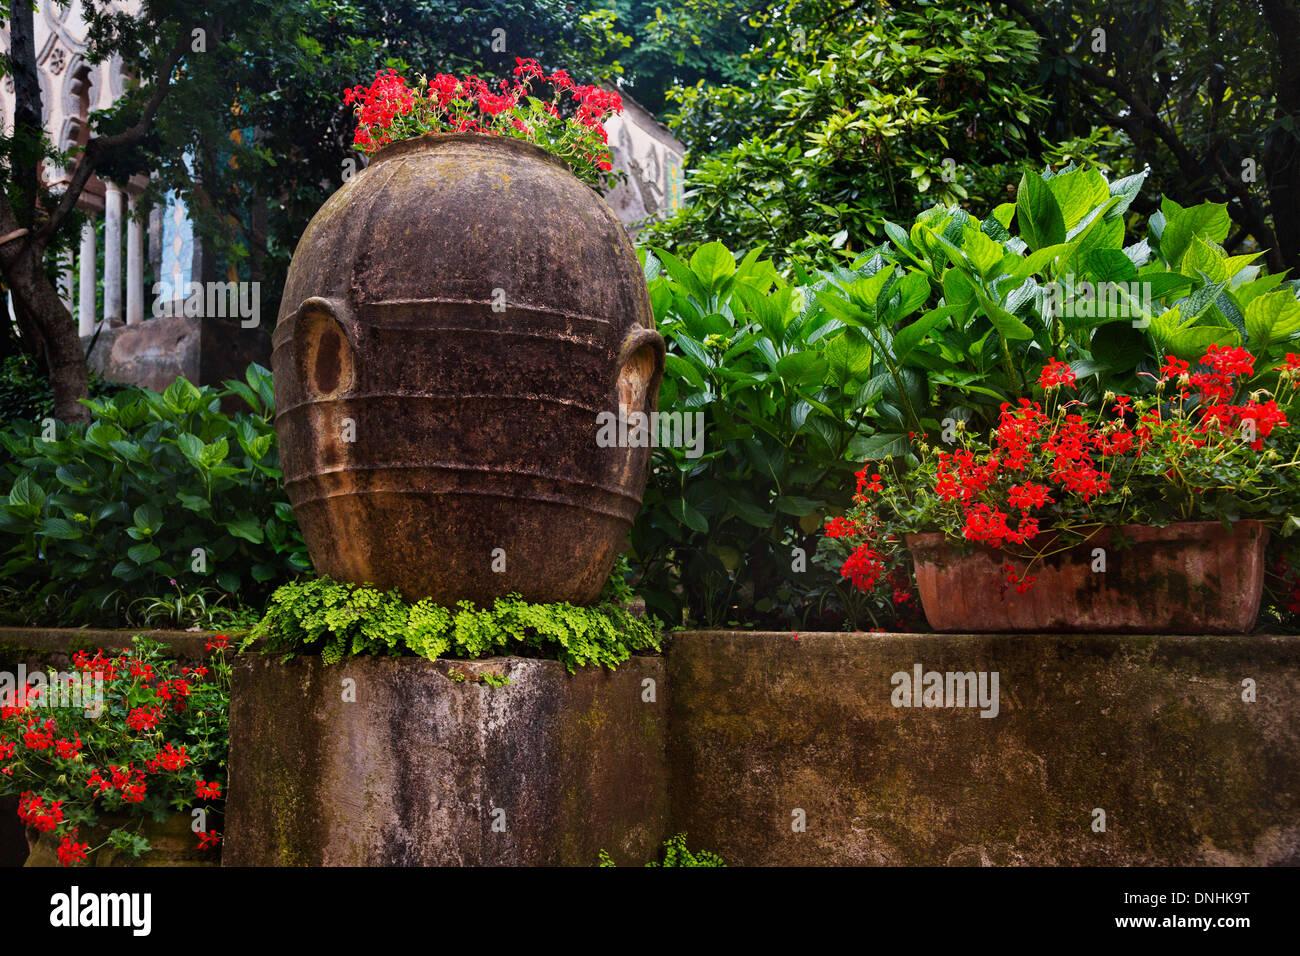 Le piante nel giardino di Villa Cimbrone, Ravello, provincia di Salerno, Campania, Italia Foto Stock